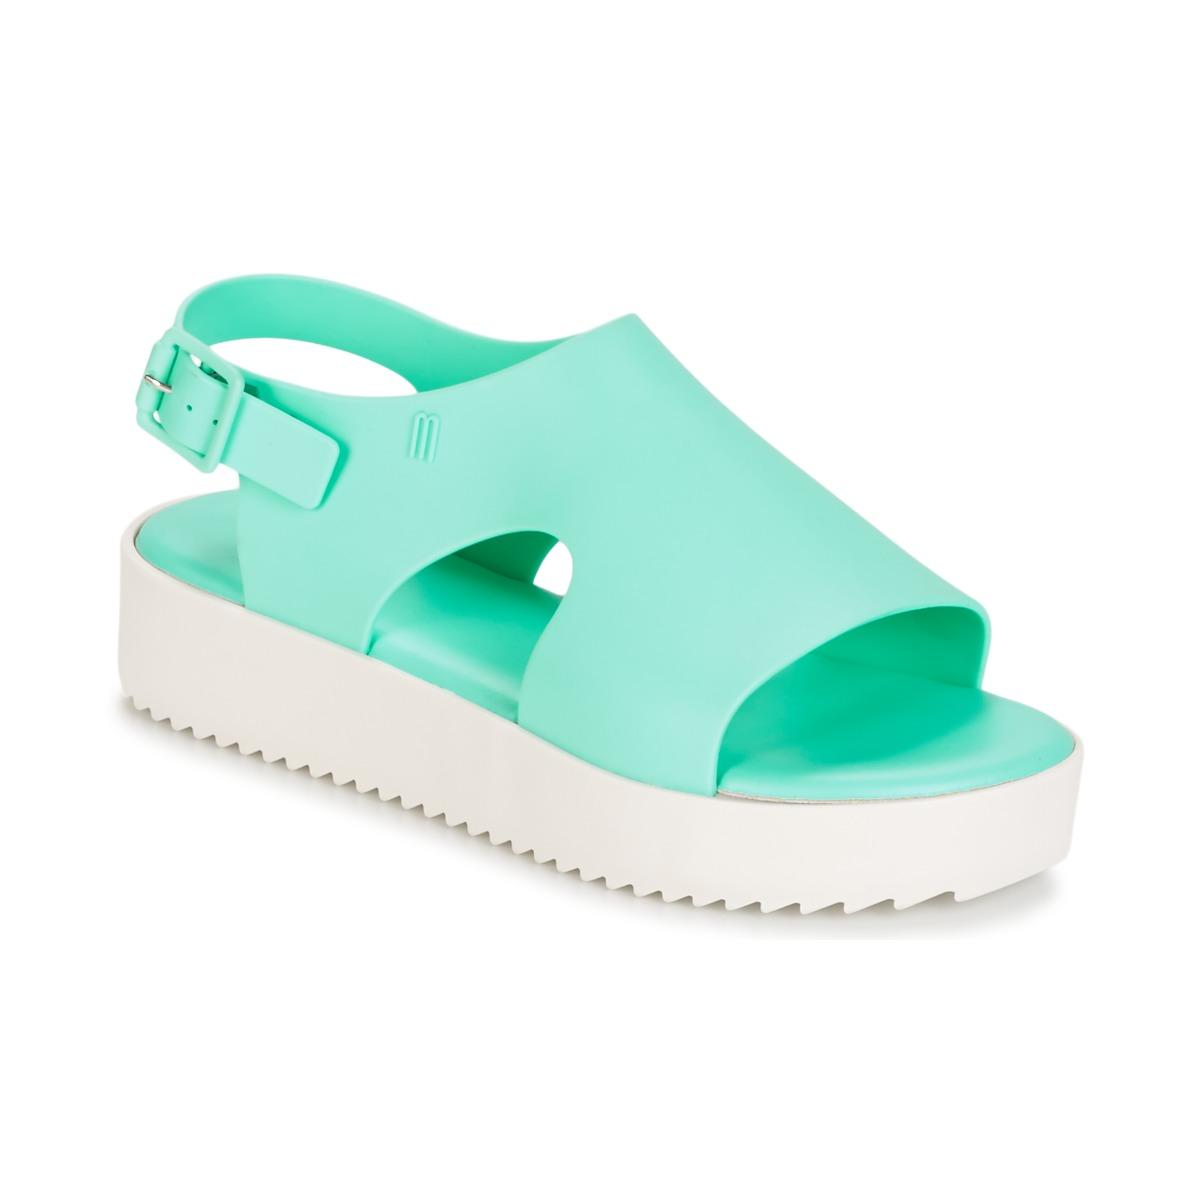 Melissa HOTNESS Grün / Weiss - Kostenloser Versand bei Spartoode ! - Schuhe Sandalen / Sandaletten Damen 58,00 €